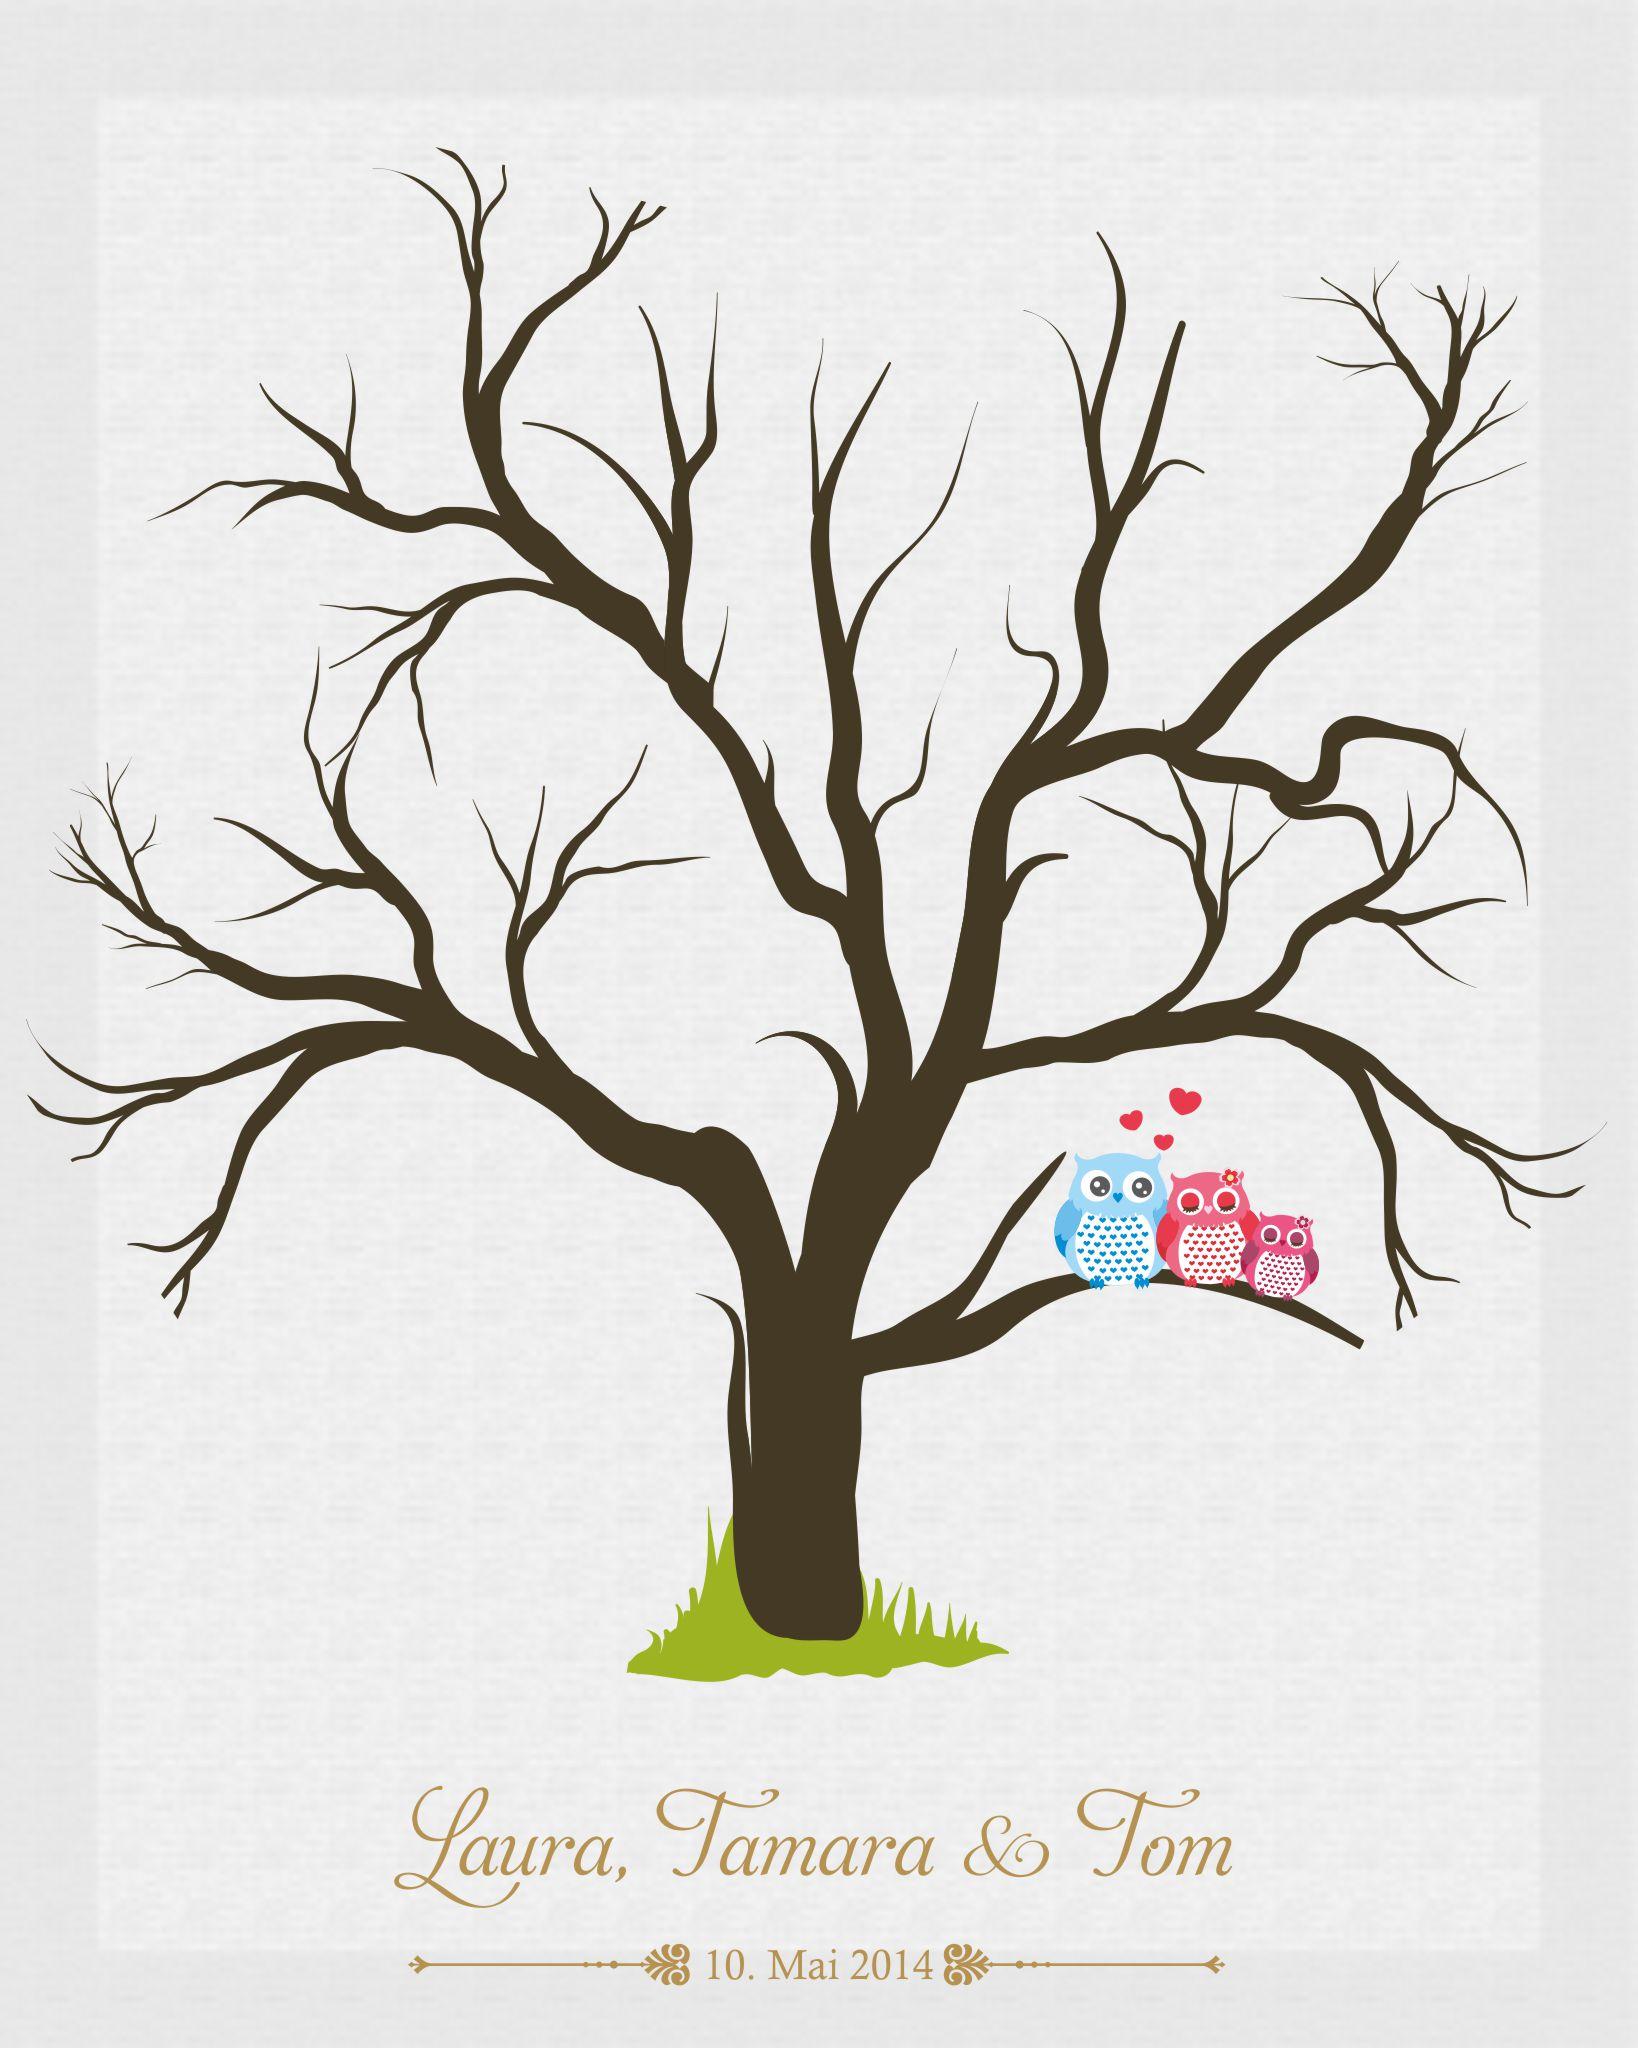 Hochzeitsleinwand Leinwand Fingerabdruckbaum Wedding Tree Taufe